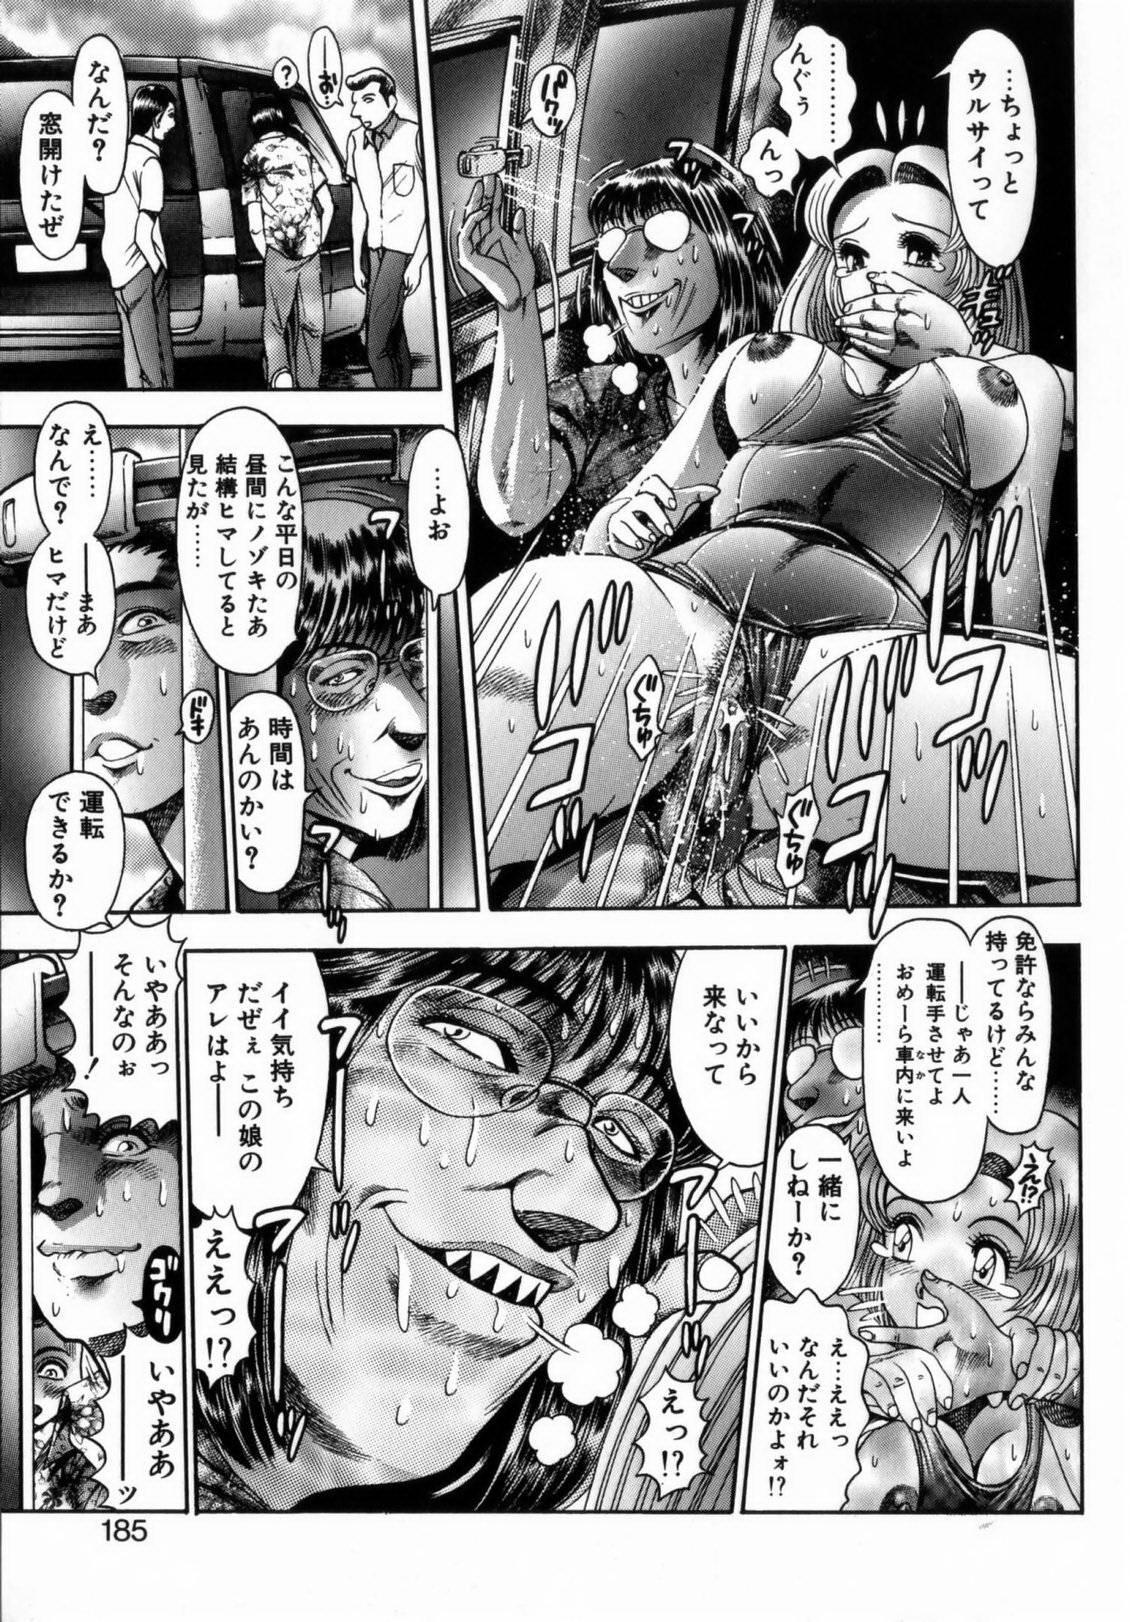 Koisuru Race Queen 183